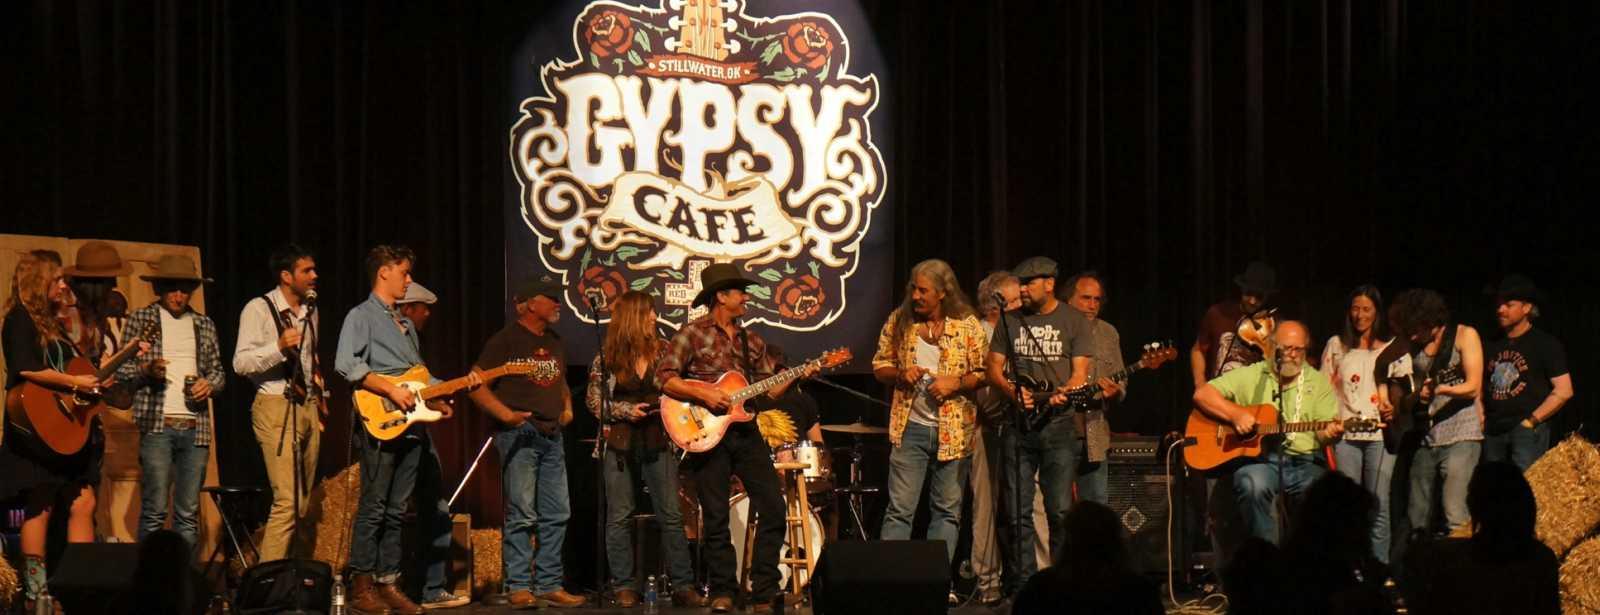 Gypsy Cafe Finalé